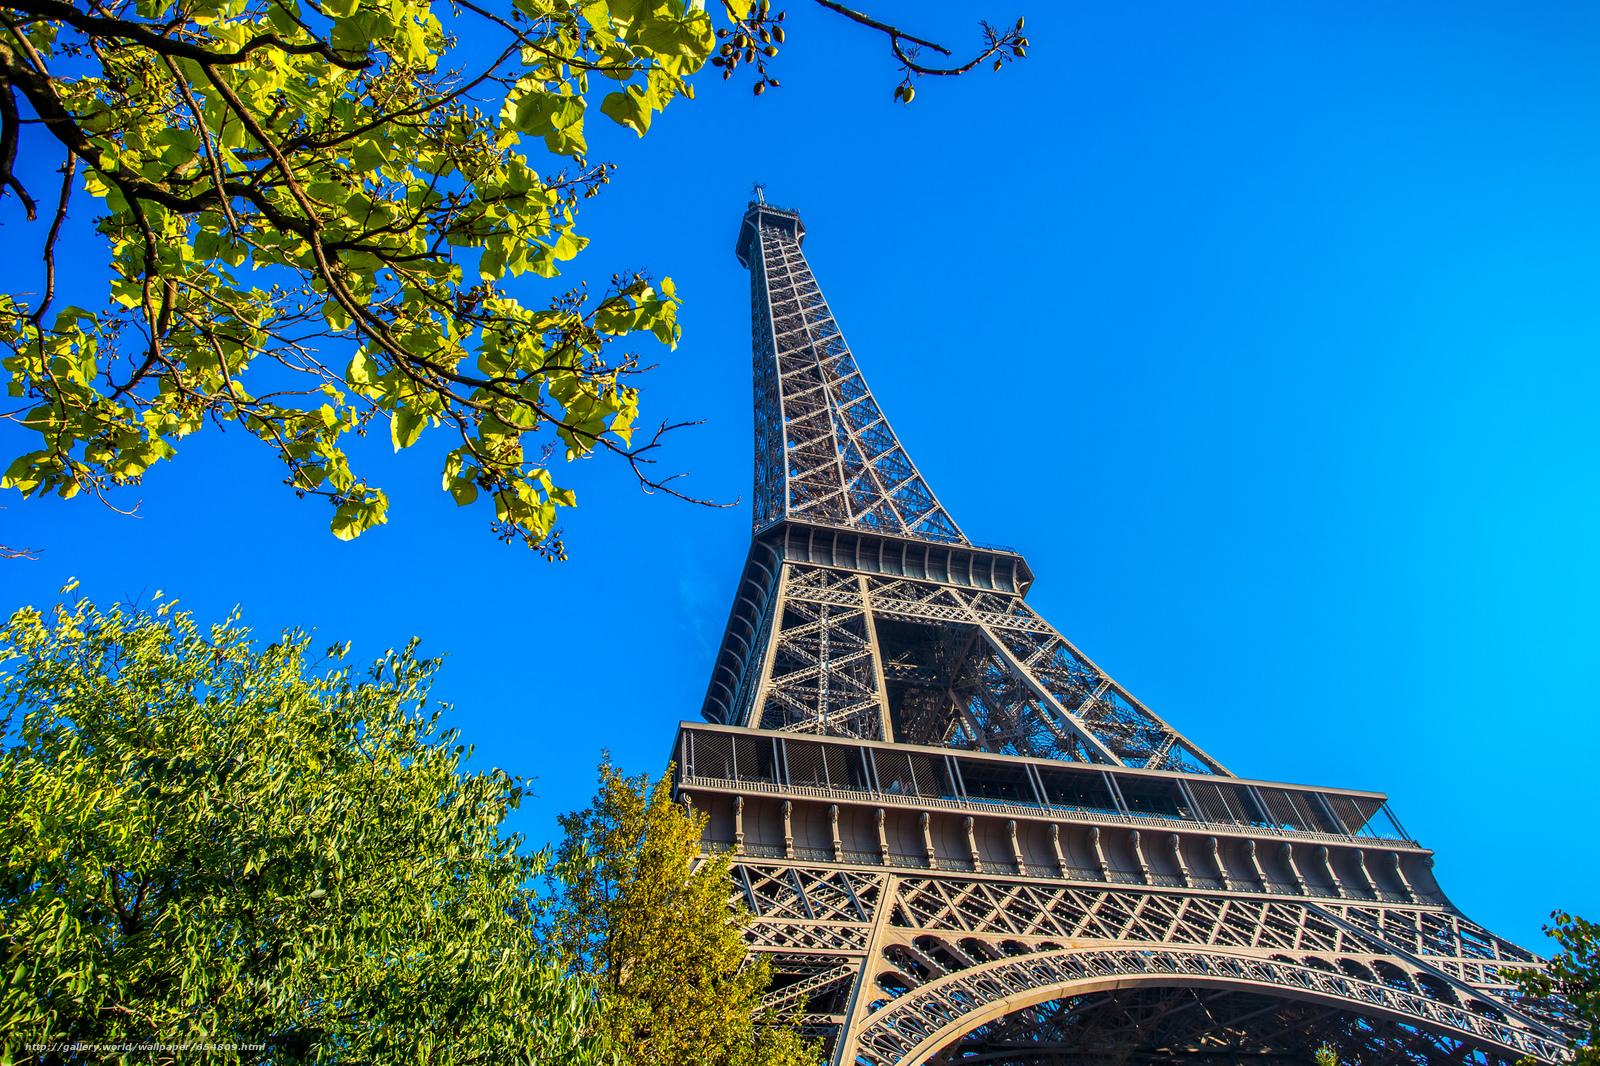 Скачать обои Eiffel Tower,  Paris,  France,  Эйфелева башня бесплатно для рабочего стола в разрешении 2048x1365 — картинка №654809